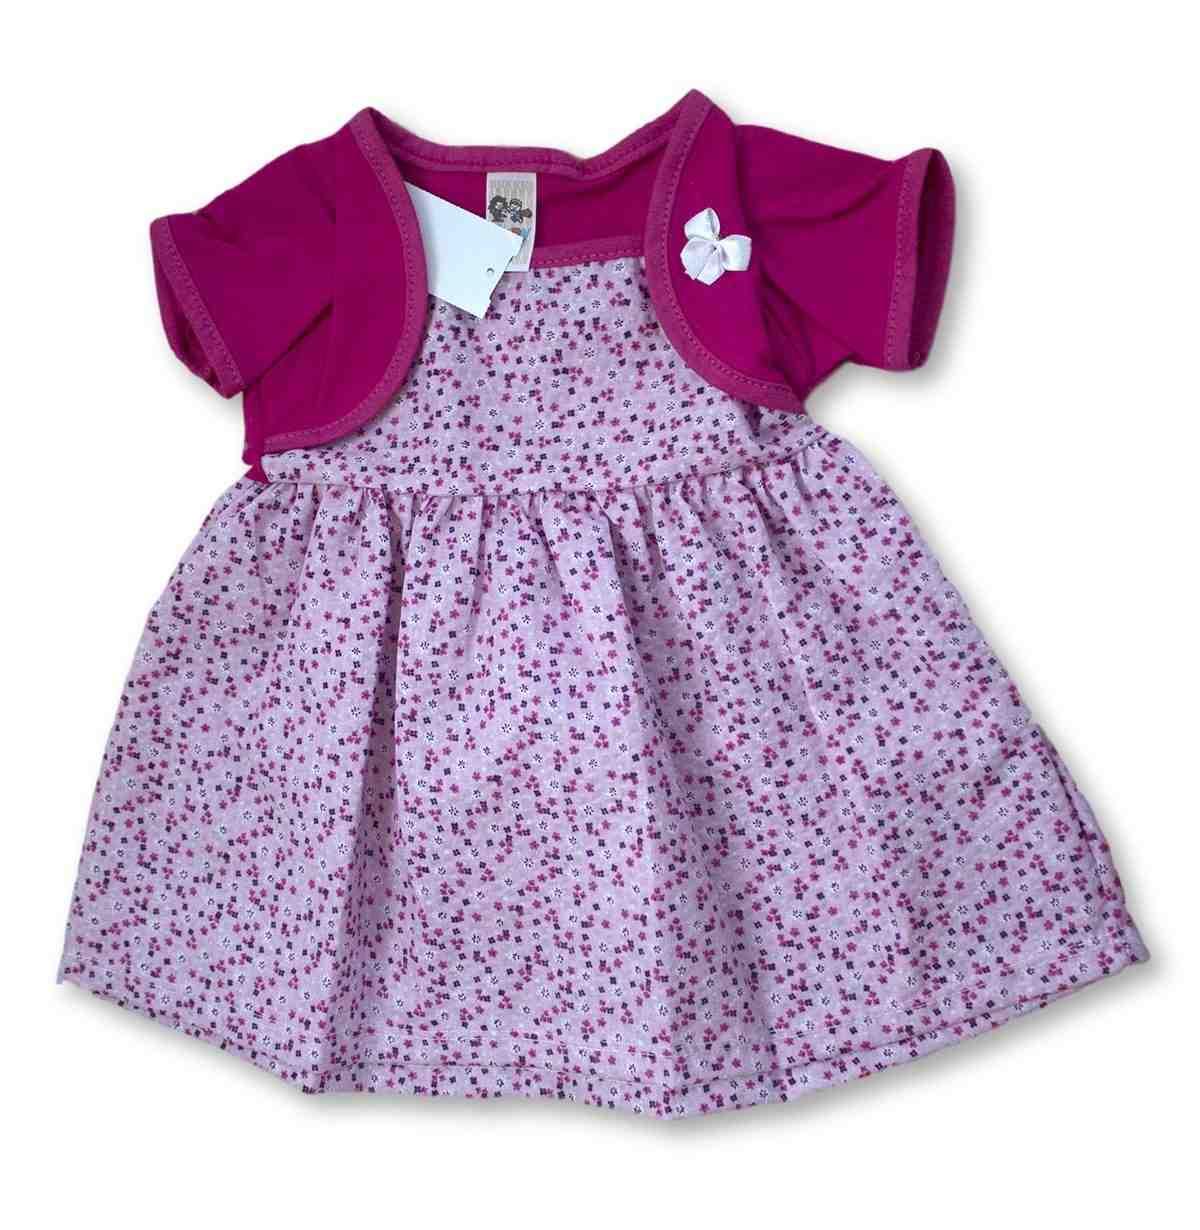 Vestido Bebê Recém Nascido Feminino Menina Cod 9065